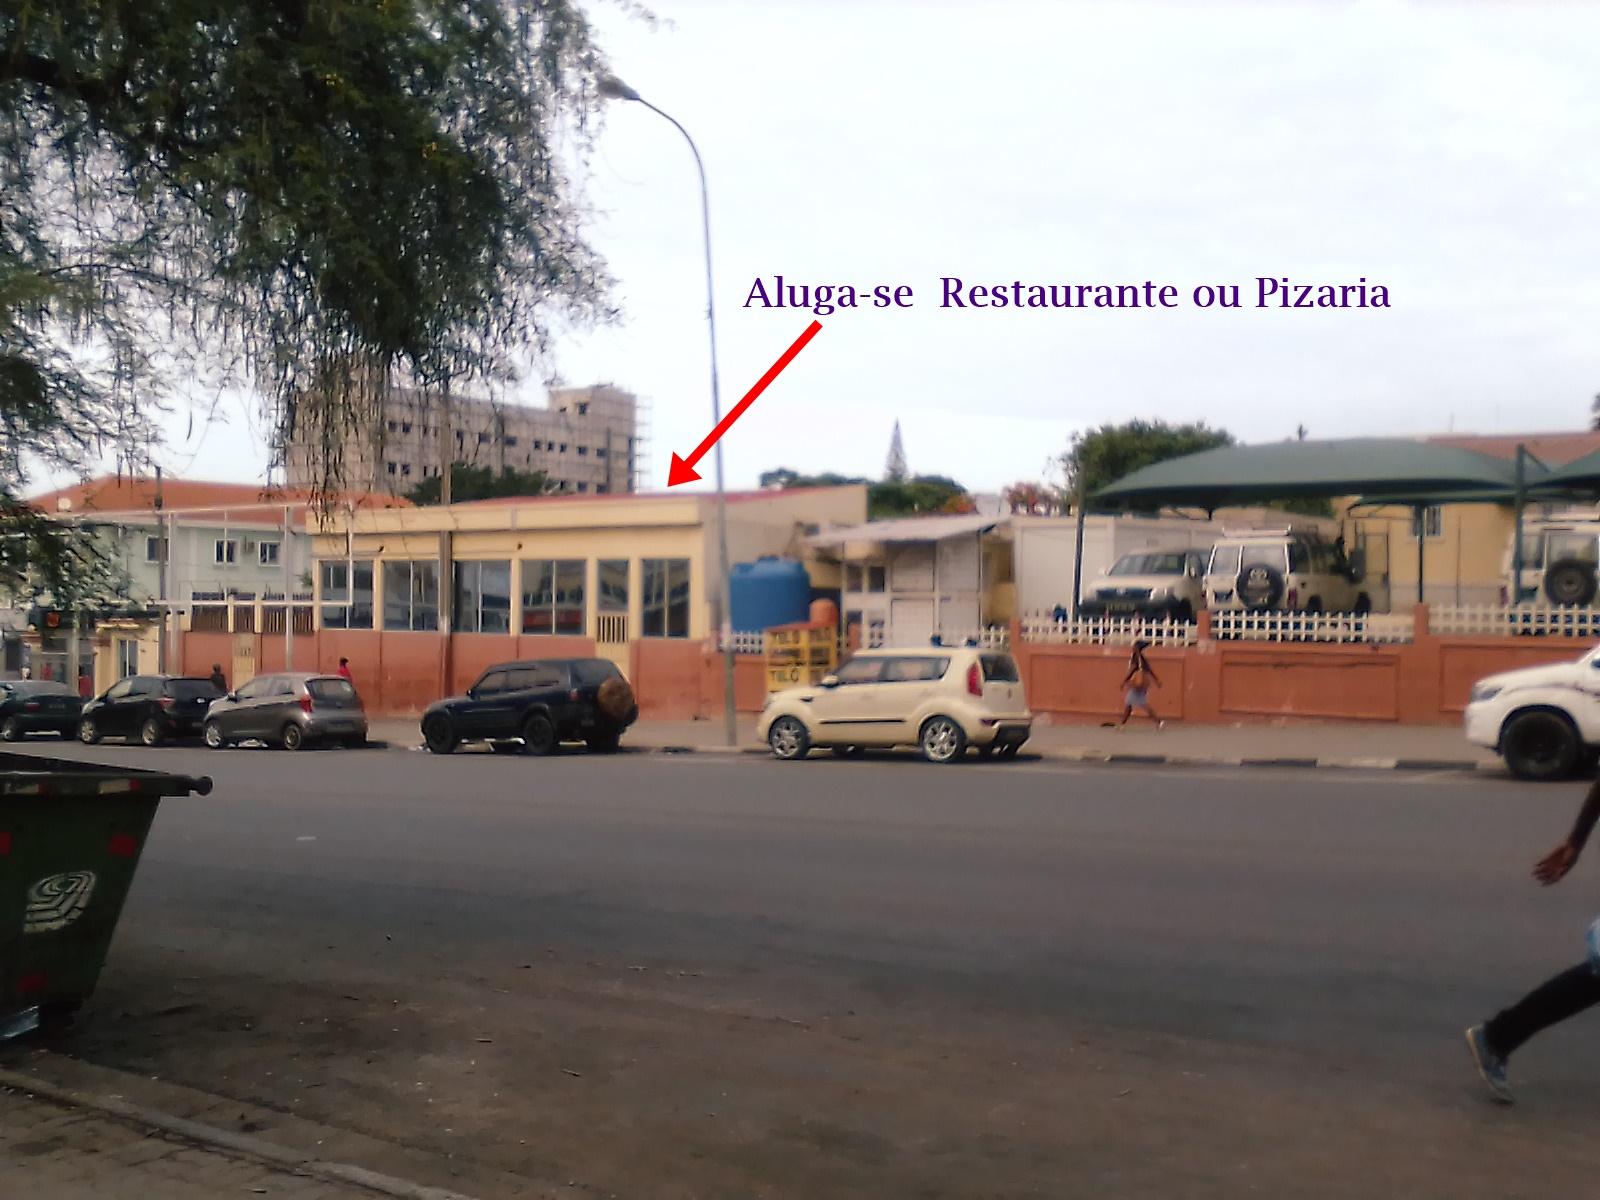 Para Comercio ou Restaurante